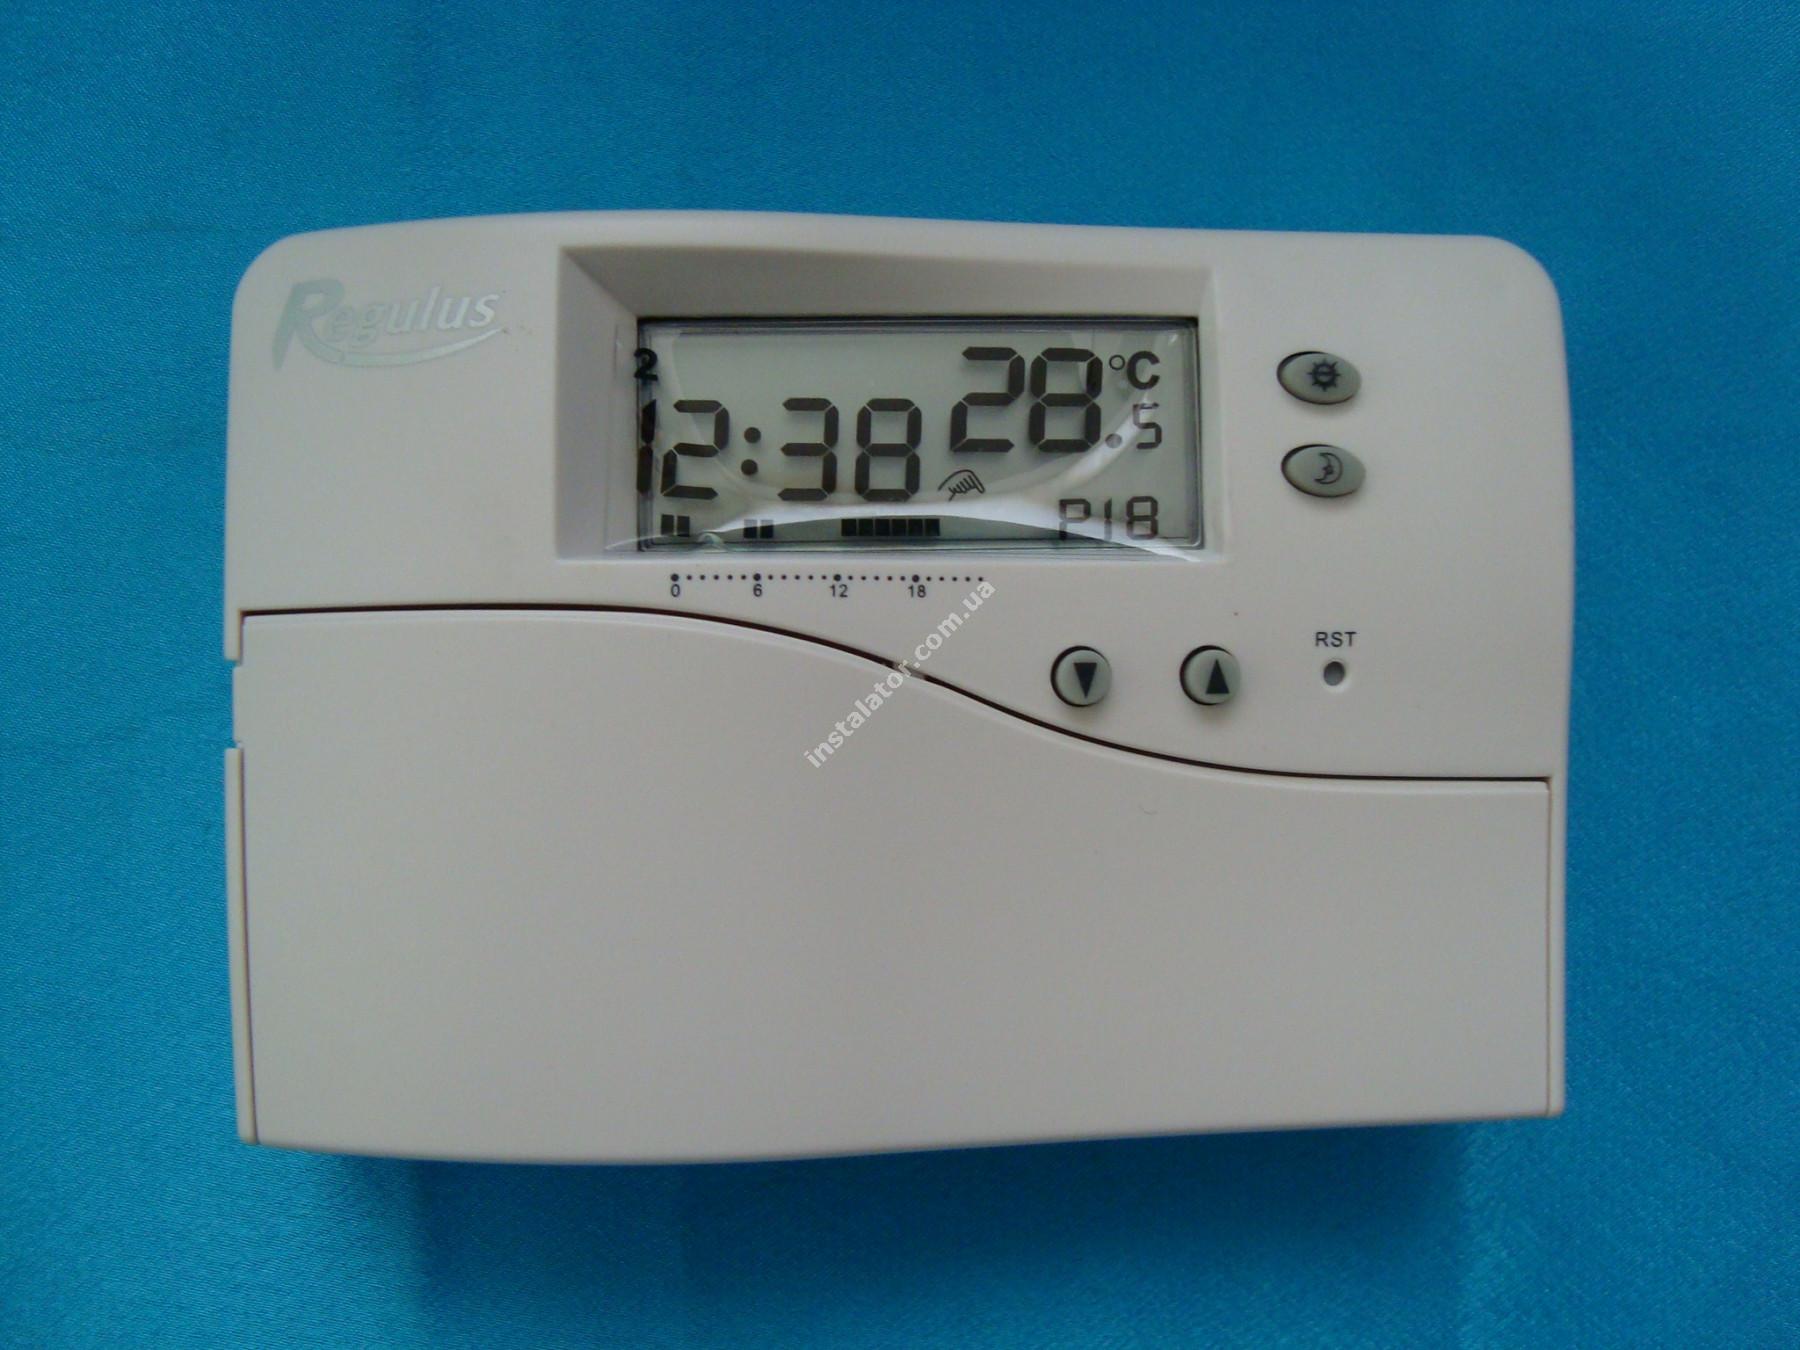 Regulus Термостат - програматор TPO8 full-image-4